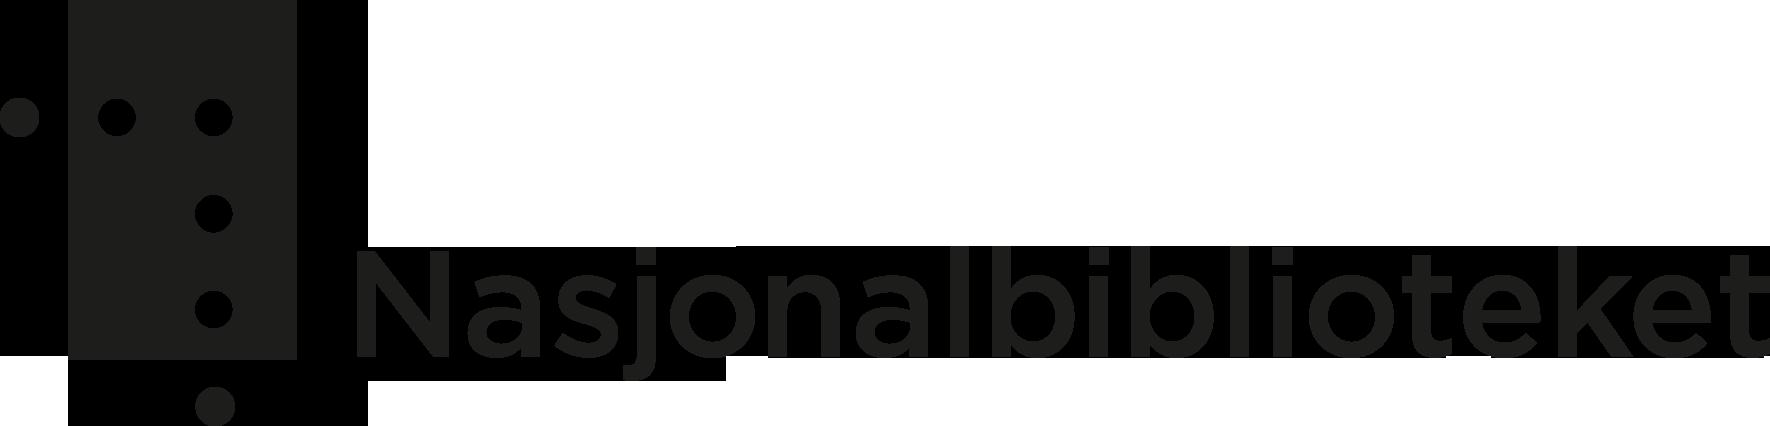 Logo Nasjonalbiblioteket